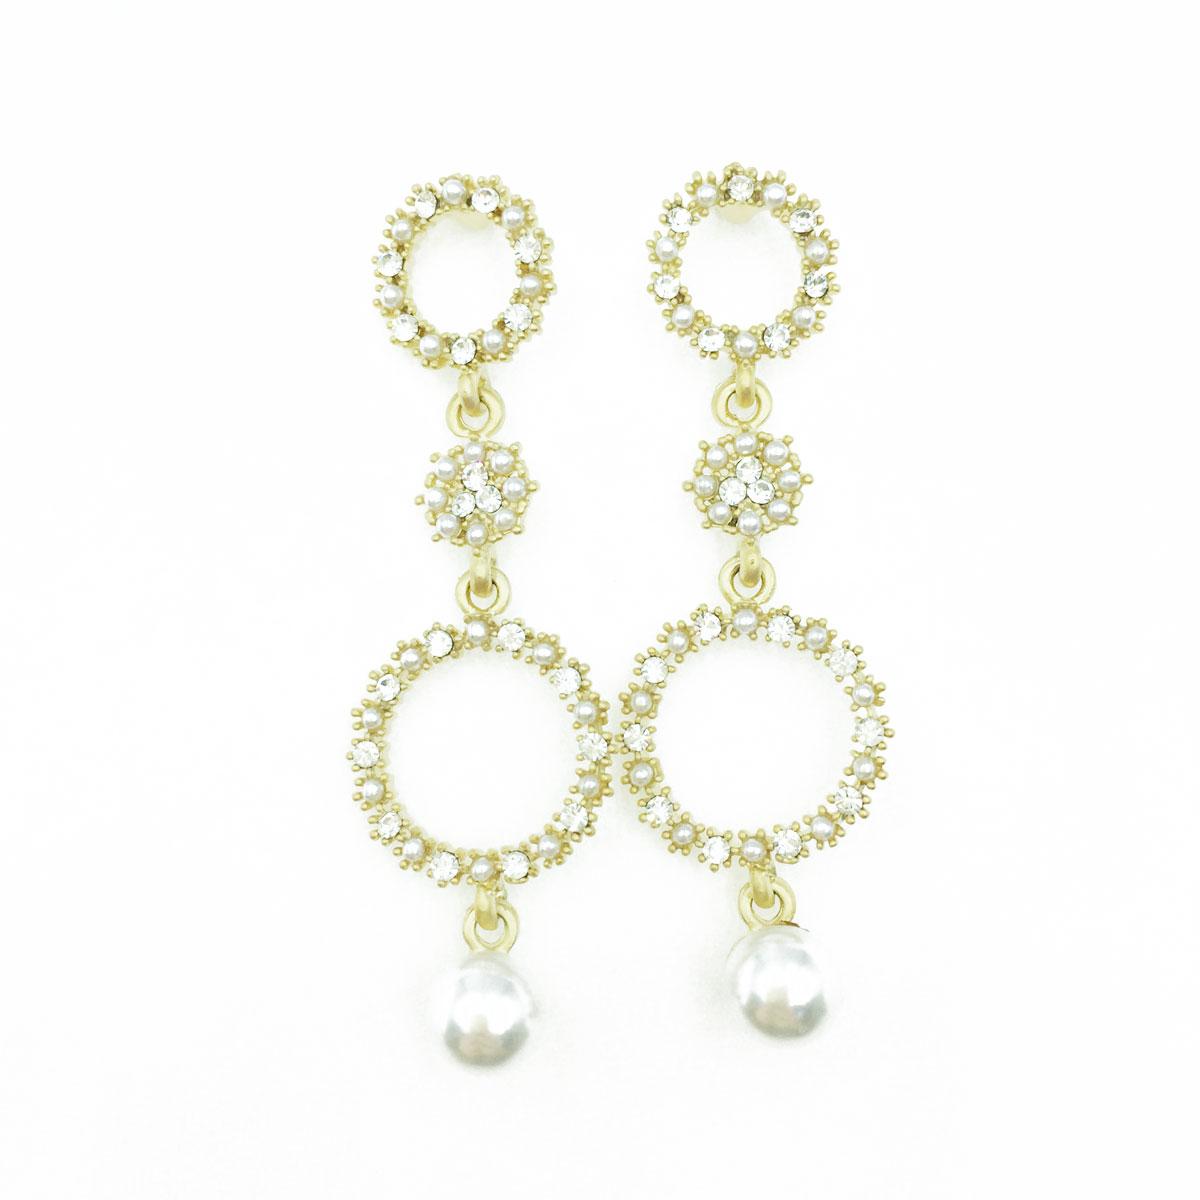 韓國 925純銀 水鑽 簍空圓 珍珠 垂墜感 耳針式耳環